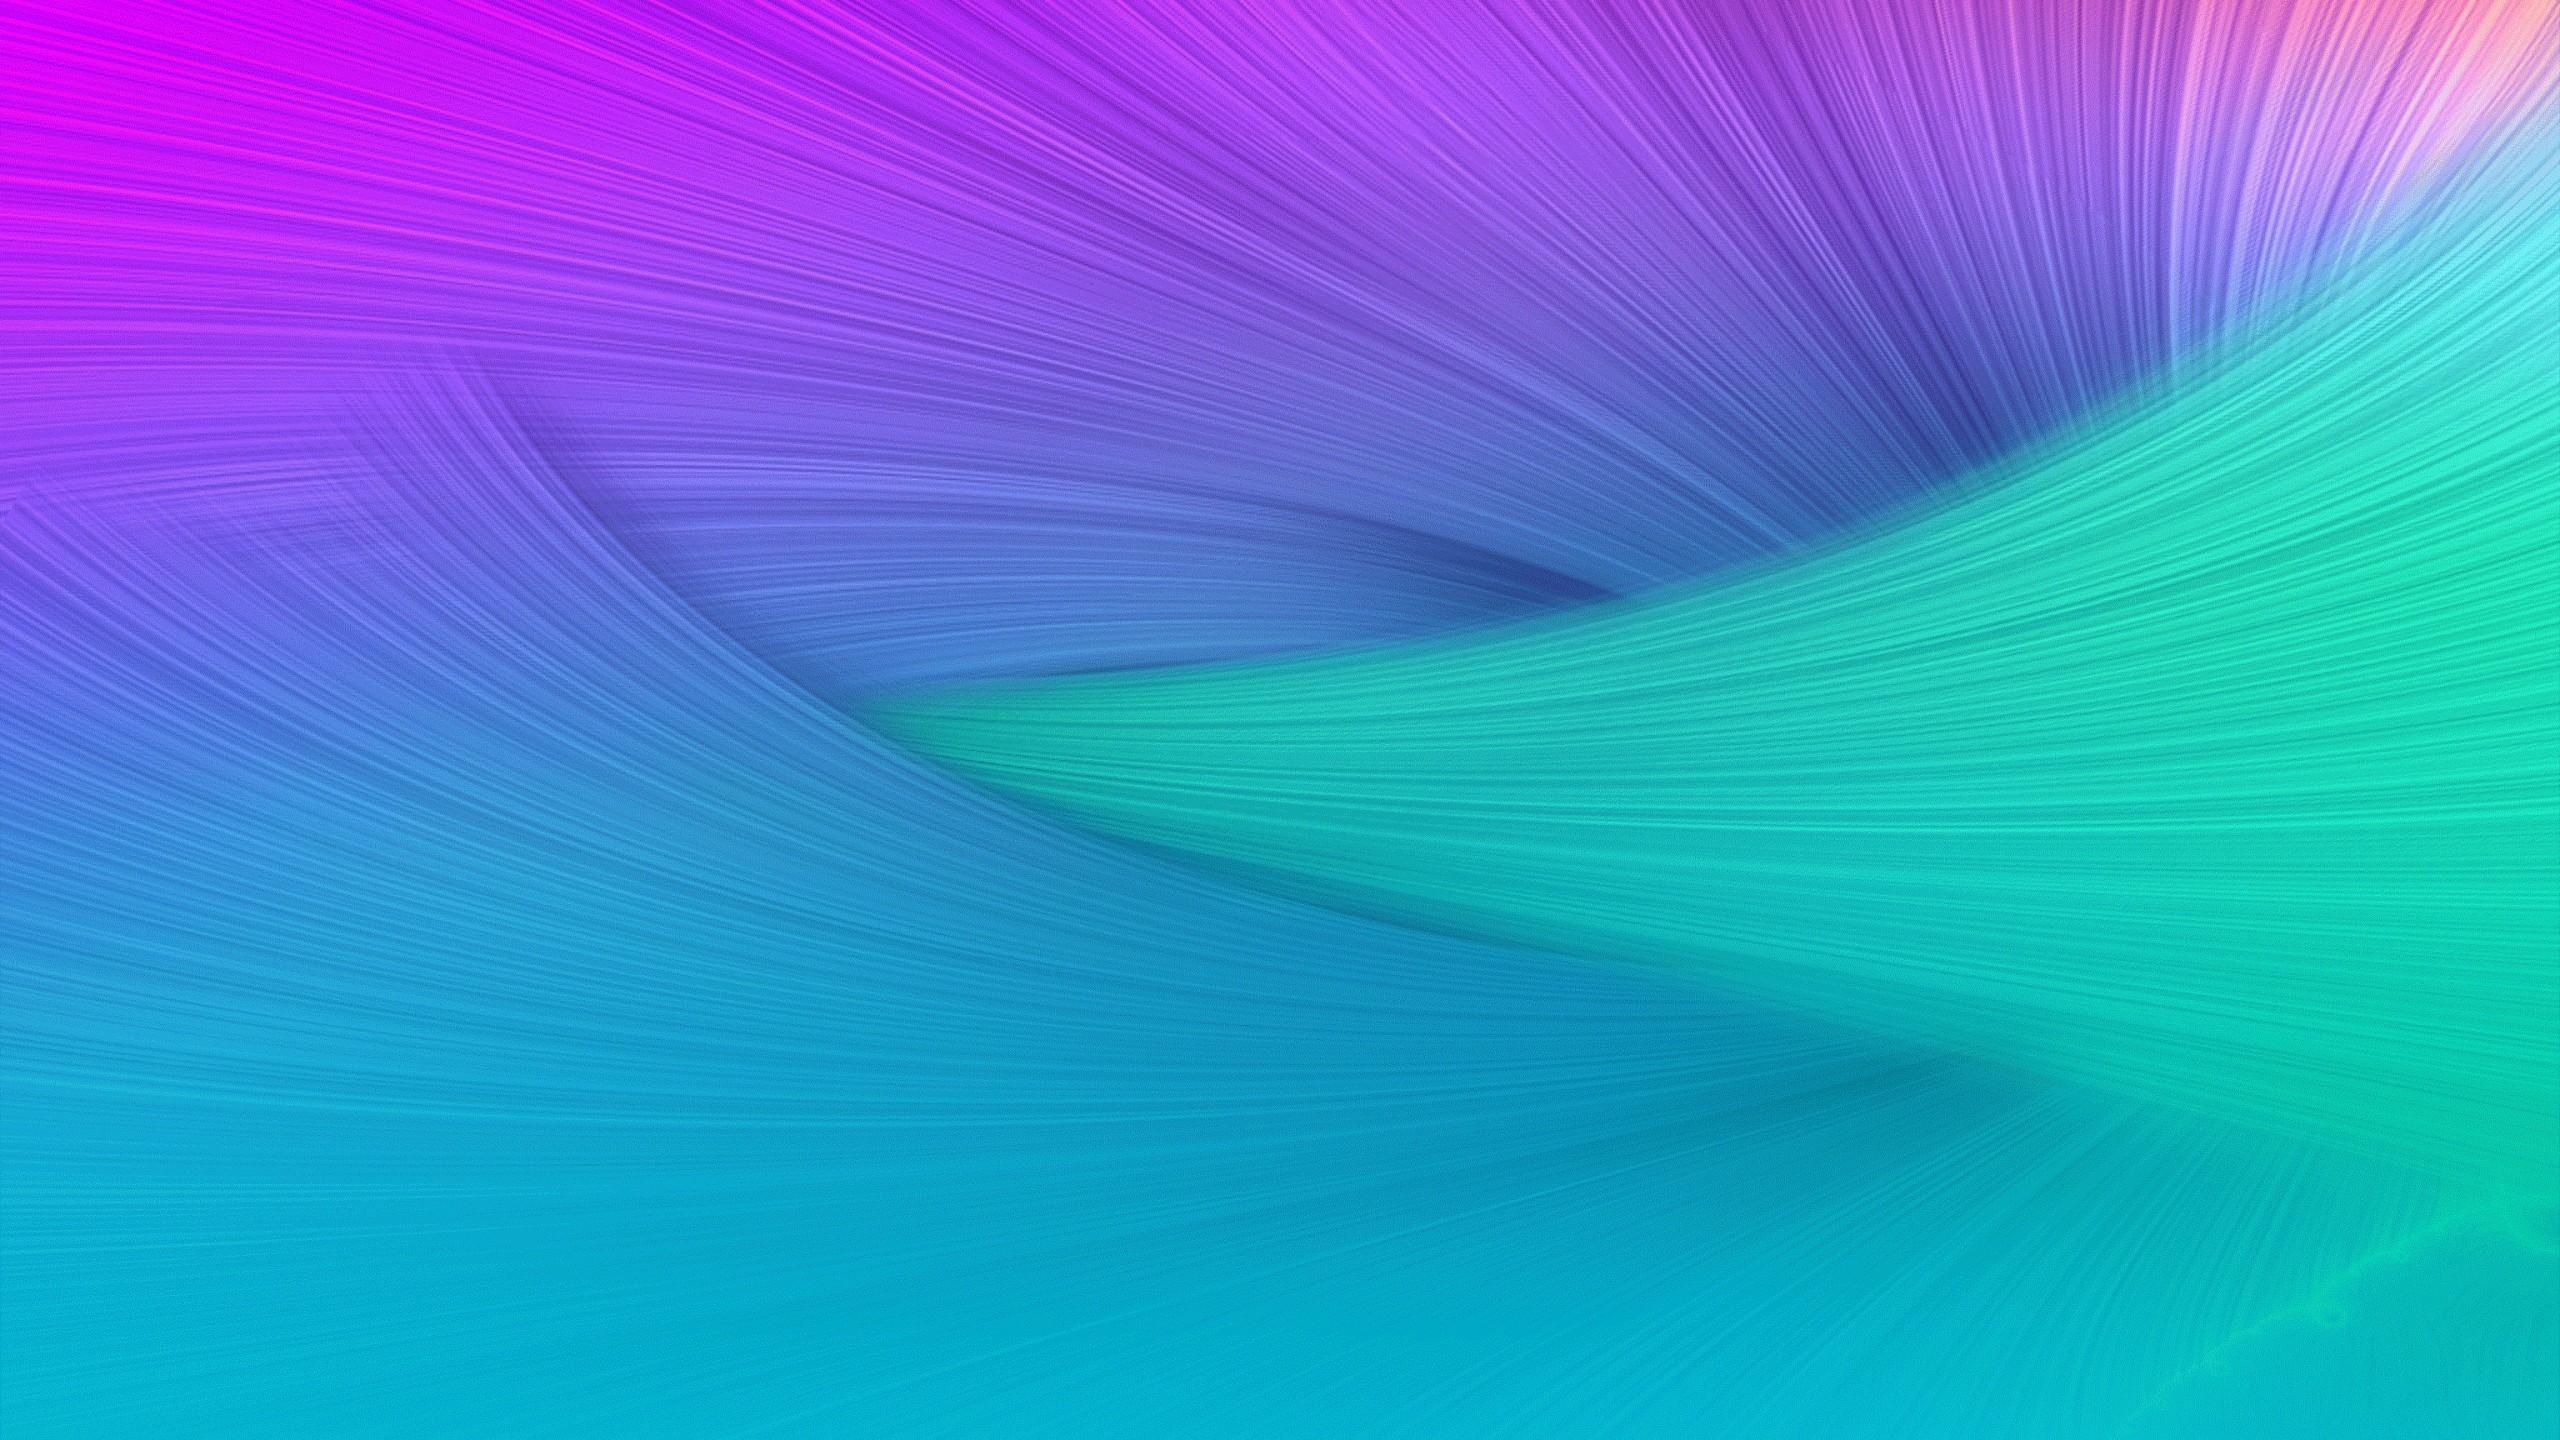 Background Wallpaper Hd 2560x1440 Download Hd Wallpaper Wallpapertip